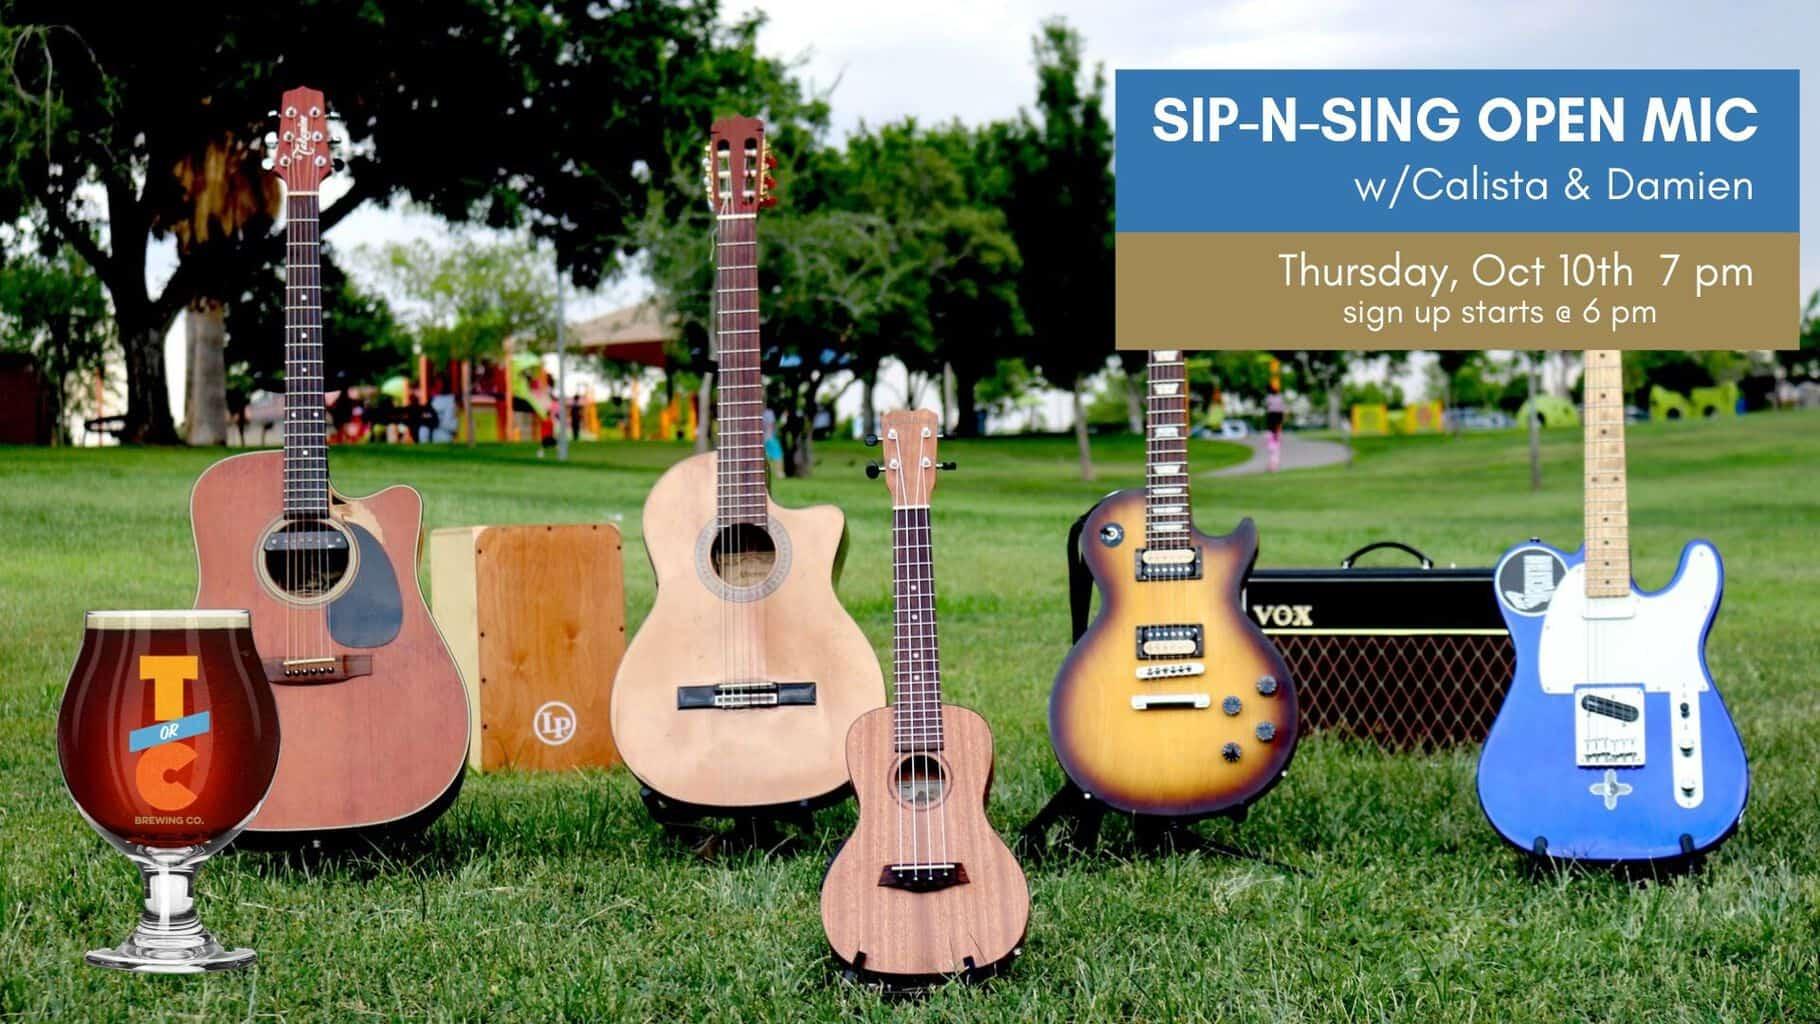 Sip-n-Sing Open Mic